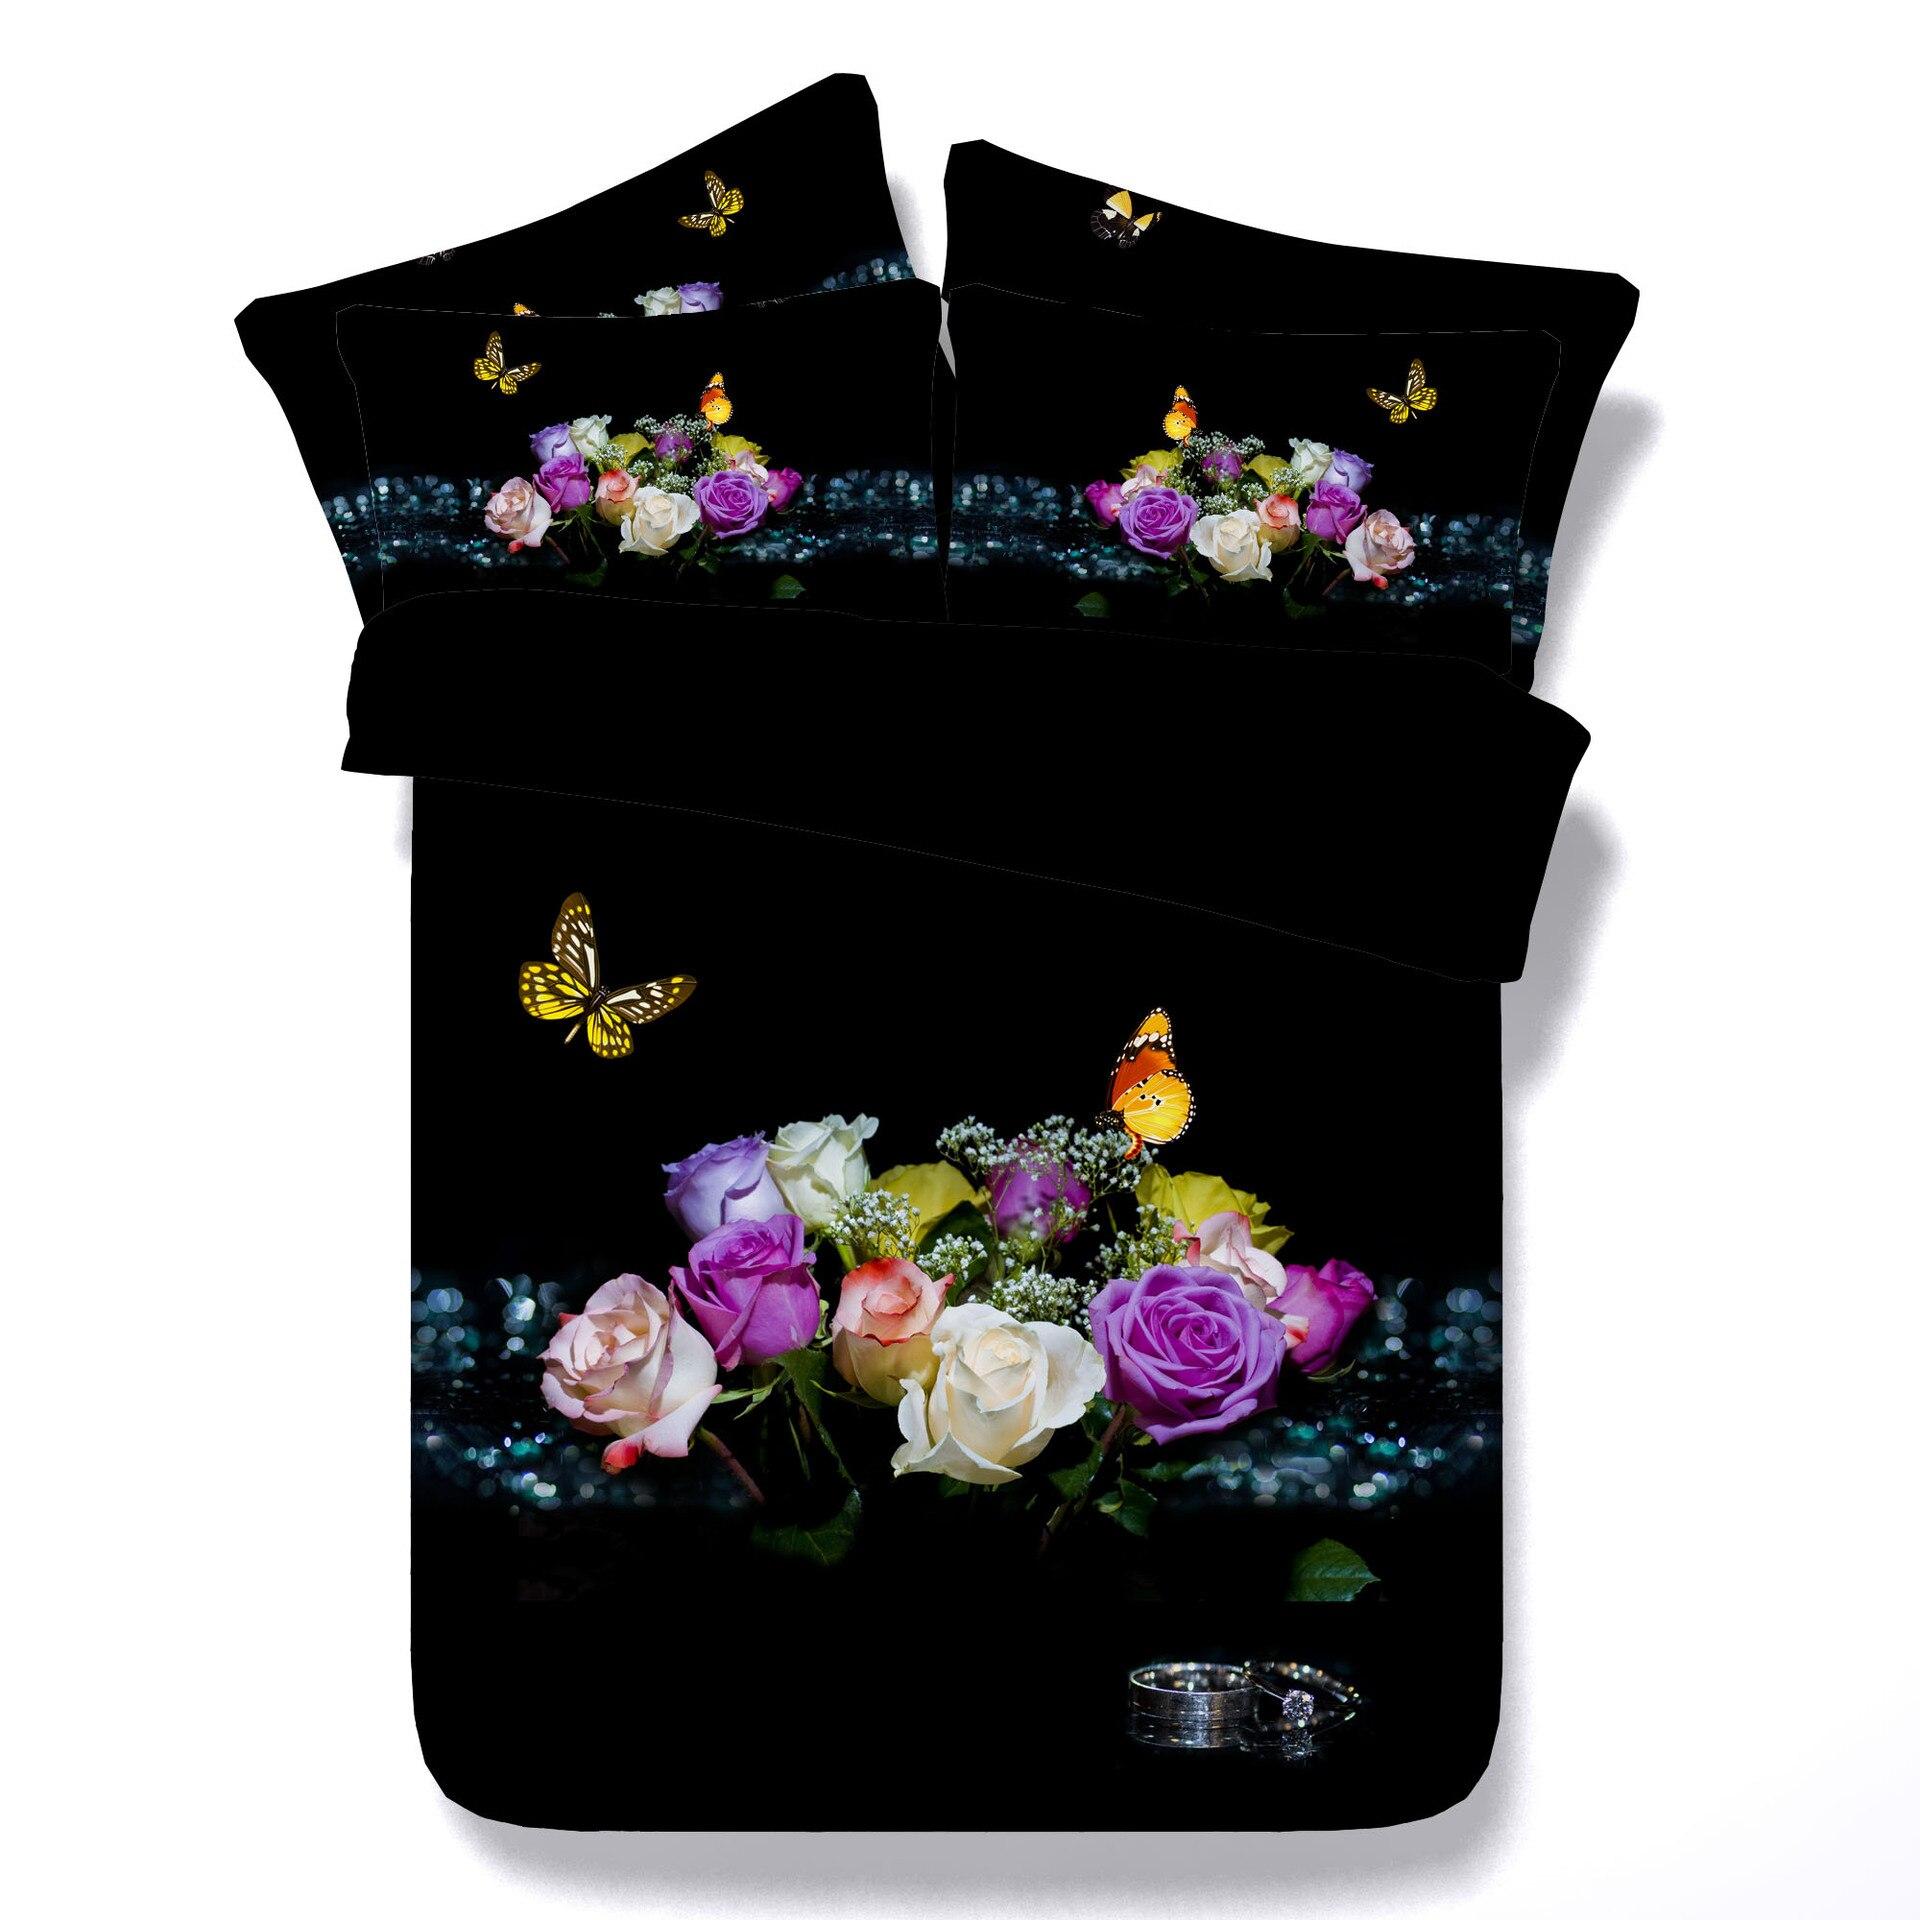 100% QualitäT Blume Mit Schmetterling Digital Print Bettwäsche Set Quilt Abdeckung Design Bett Set Böhmischen Eine Mini Van Bettwäsche 3 Stücke Jf379 Weich Und Rutschhemmend